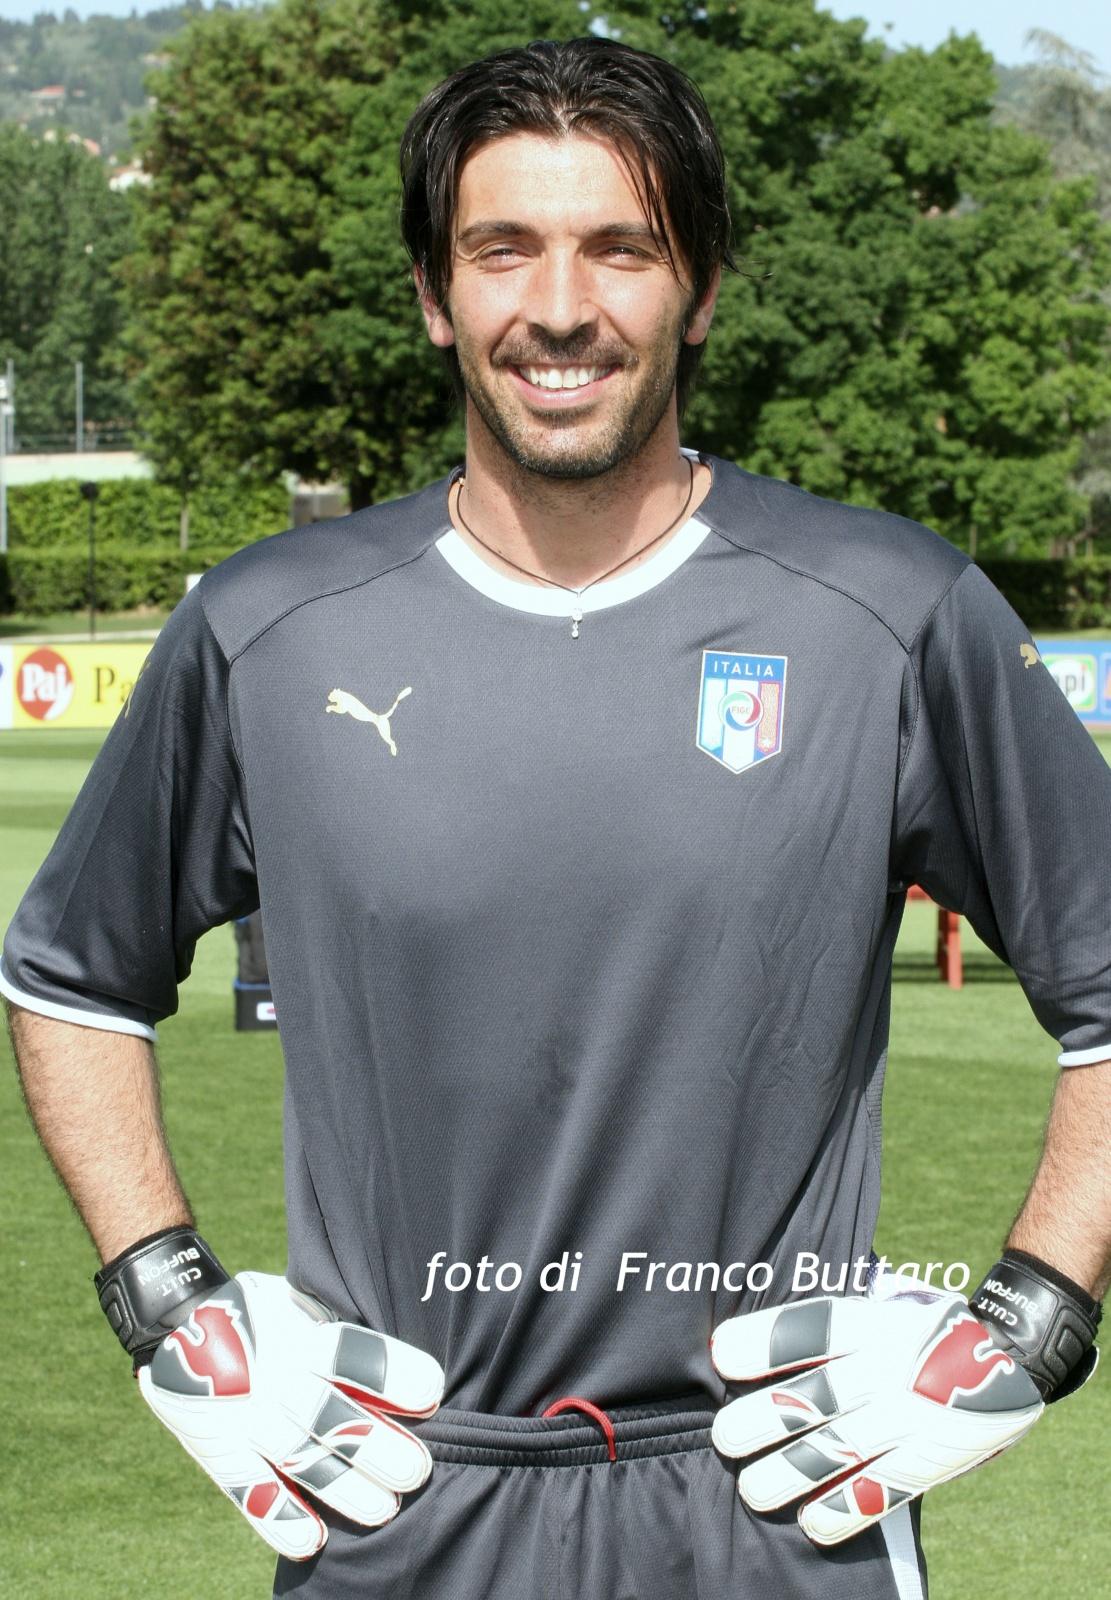 Italia - Europei 2008 - le foto ufficiali